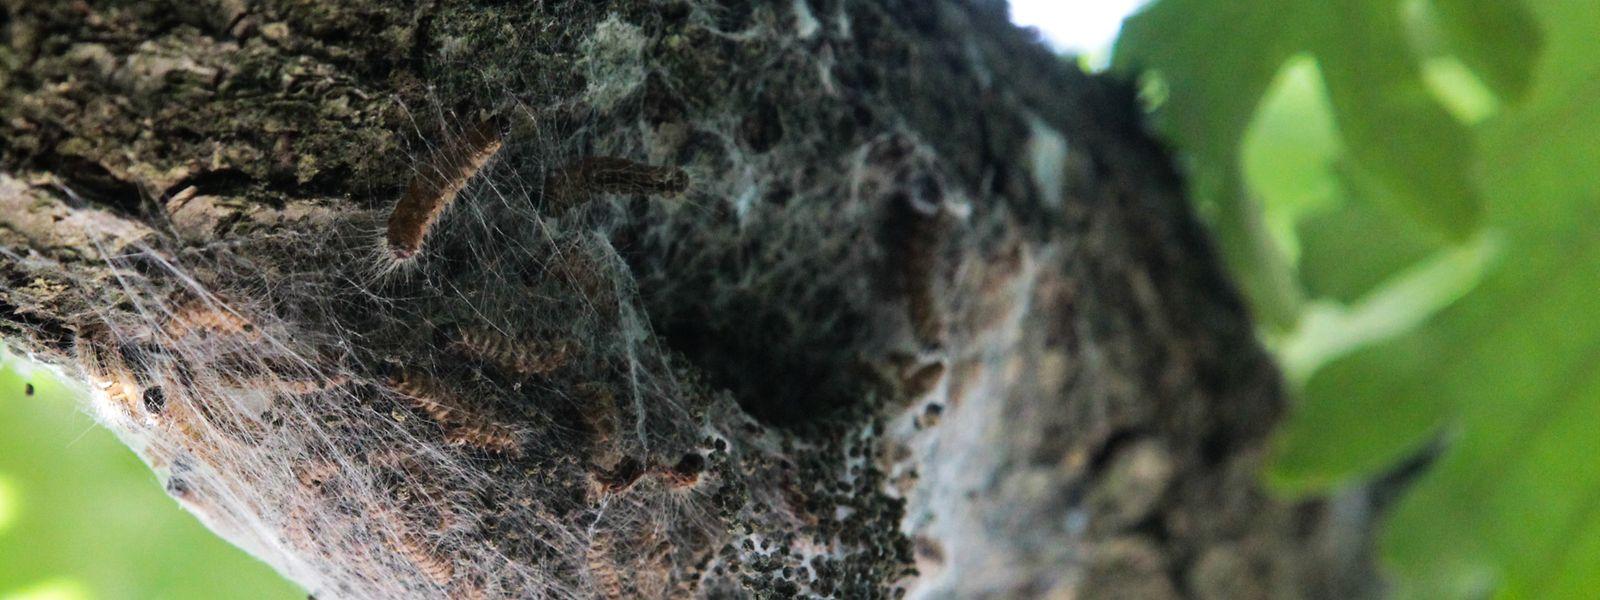 Die Brennhärchen der Larven des Eichenprozessionsspinners stellen ein gesundheitliches Risiko dar. Der Falter selbst ist ungefährlich.